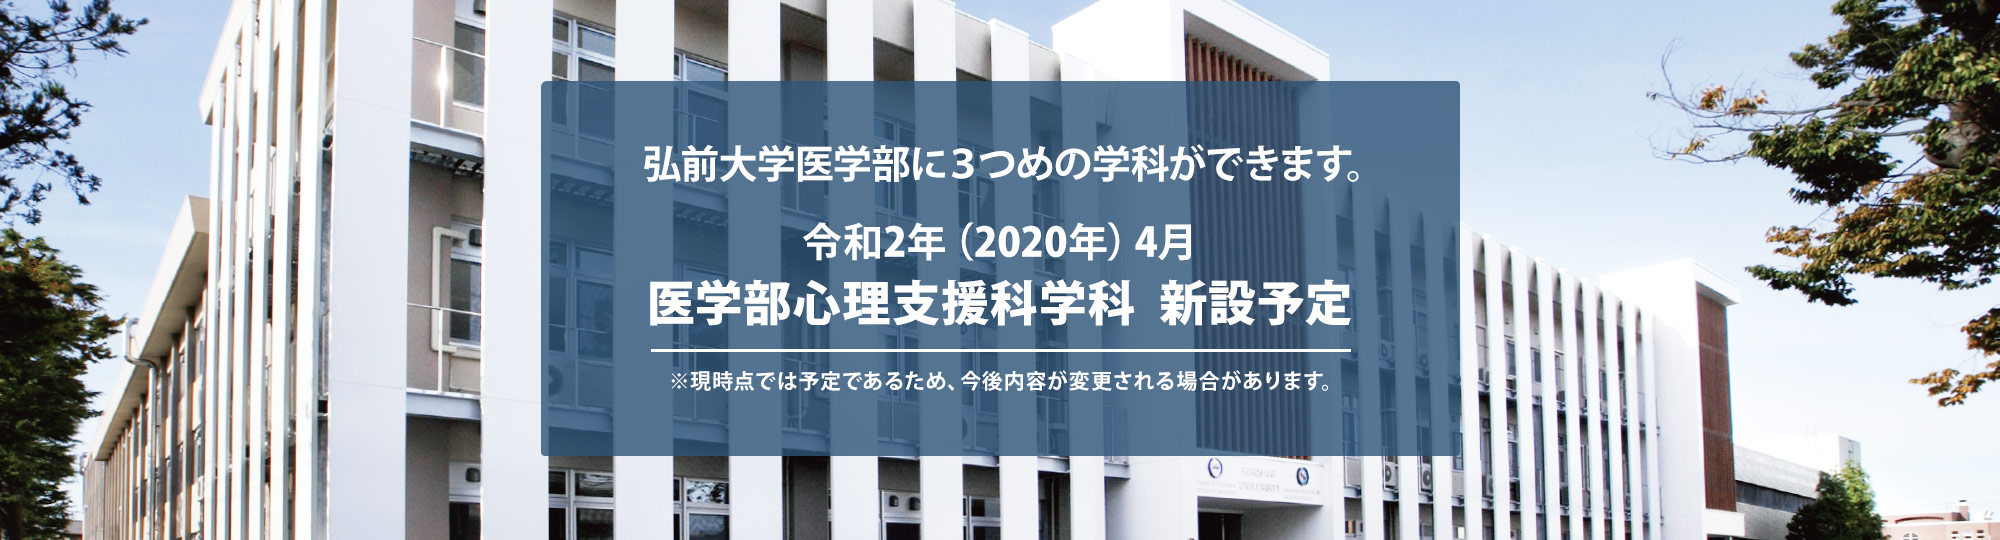 2020年4月 医学部心理支援科学科 新設予定